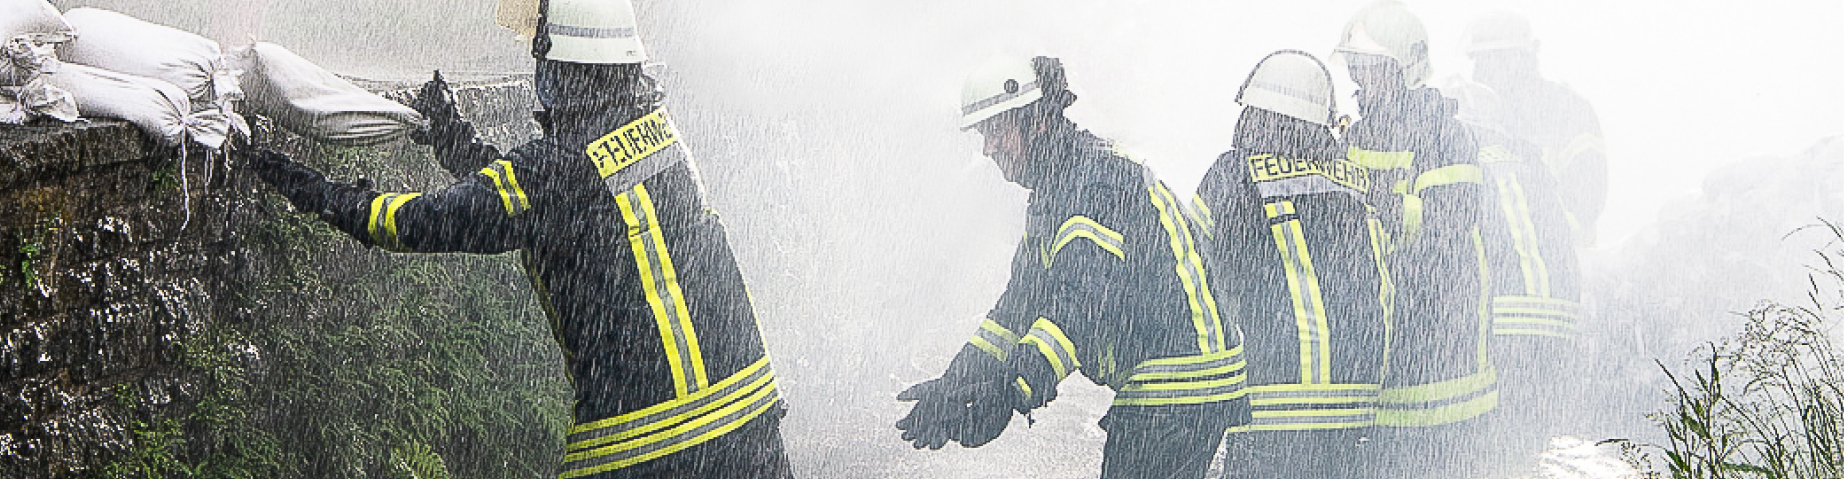 Die Freiwillige Feuerwehr kämpft mit Sandsäcken gegen ein Hochwasser.